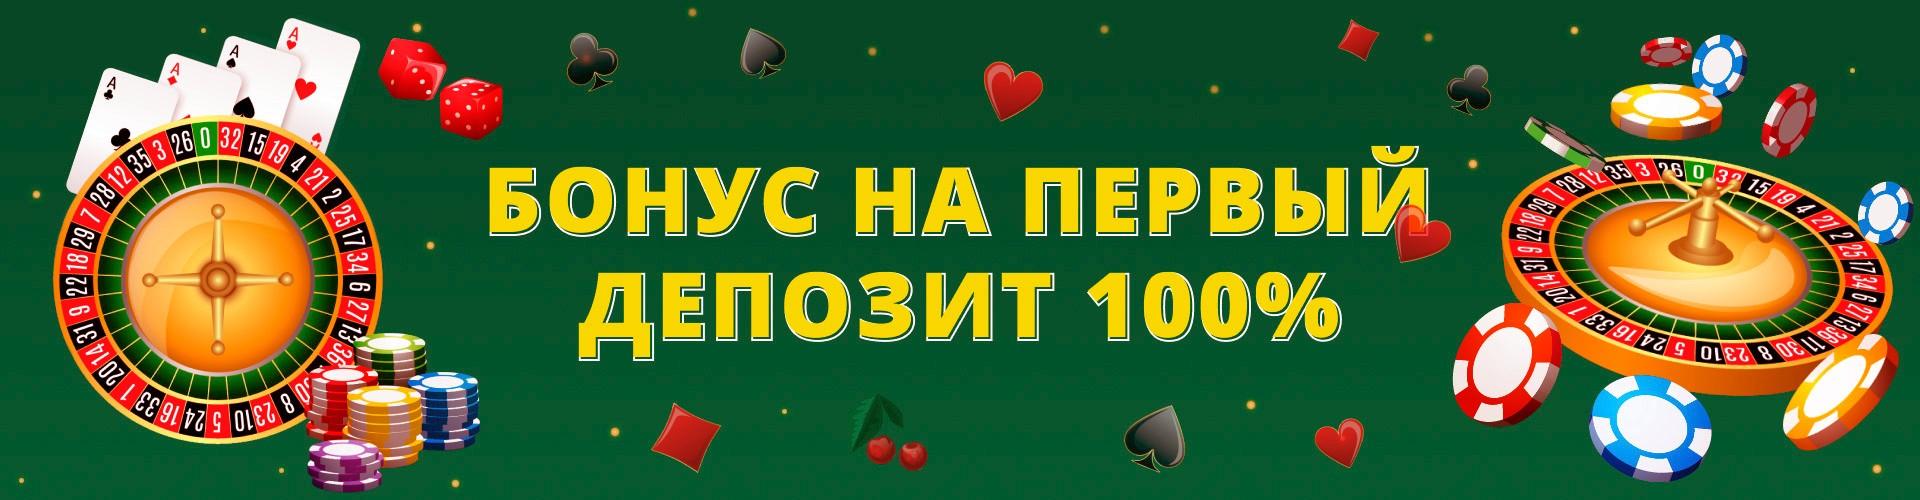 Бонус на первый депозит 100% в Jozz Casino